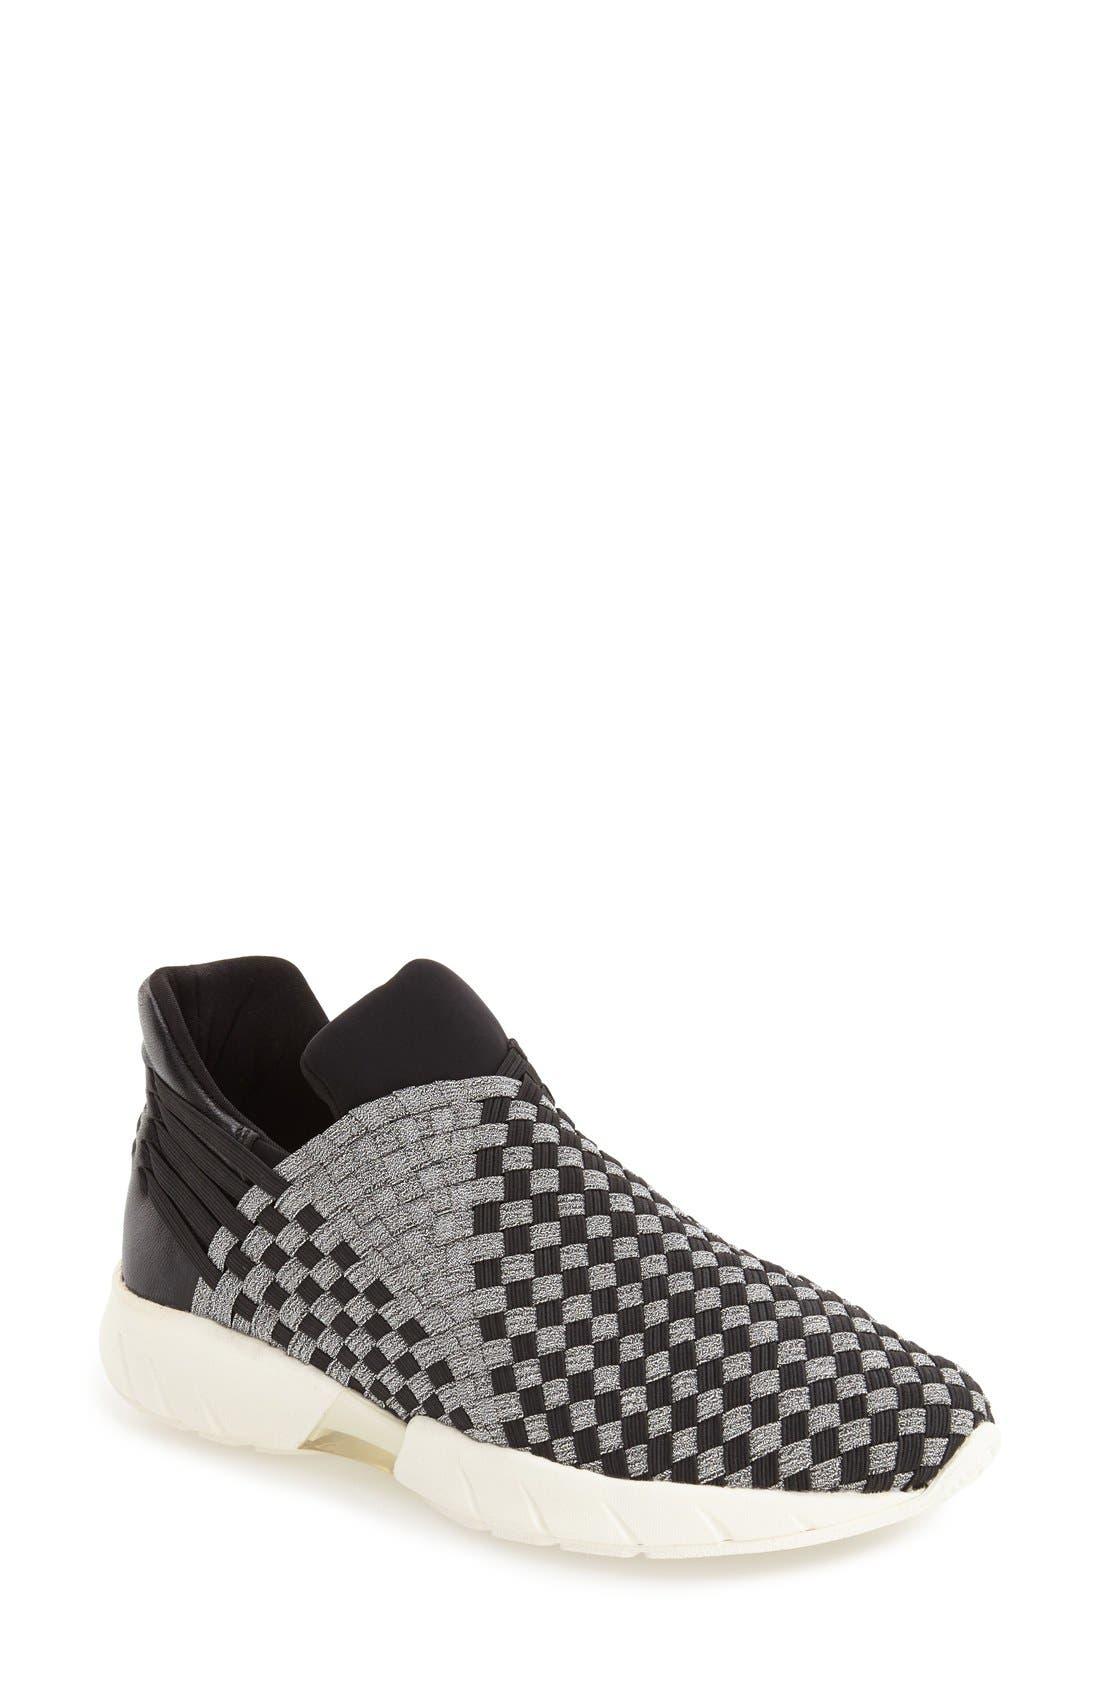 'Razer' Woven Slip-On Sneaker,                             Main thumbnail 1, color,                             014